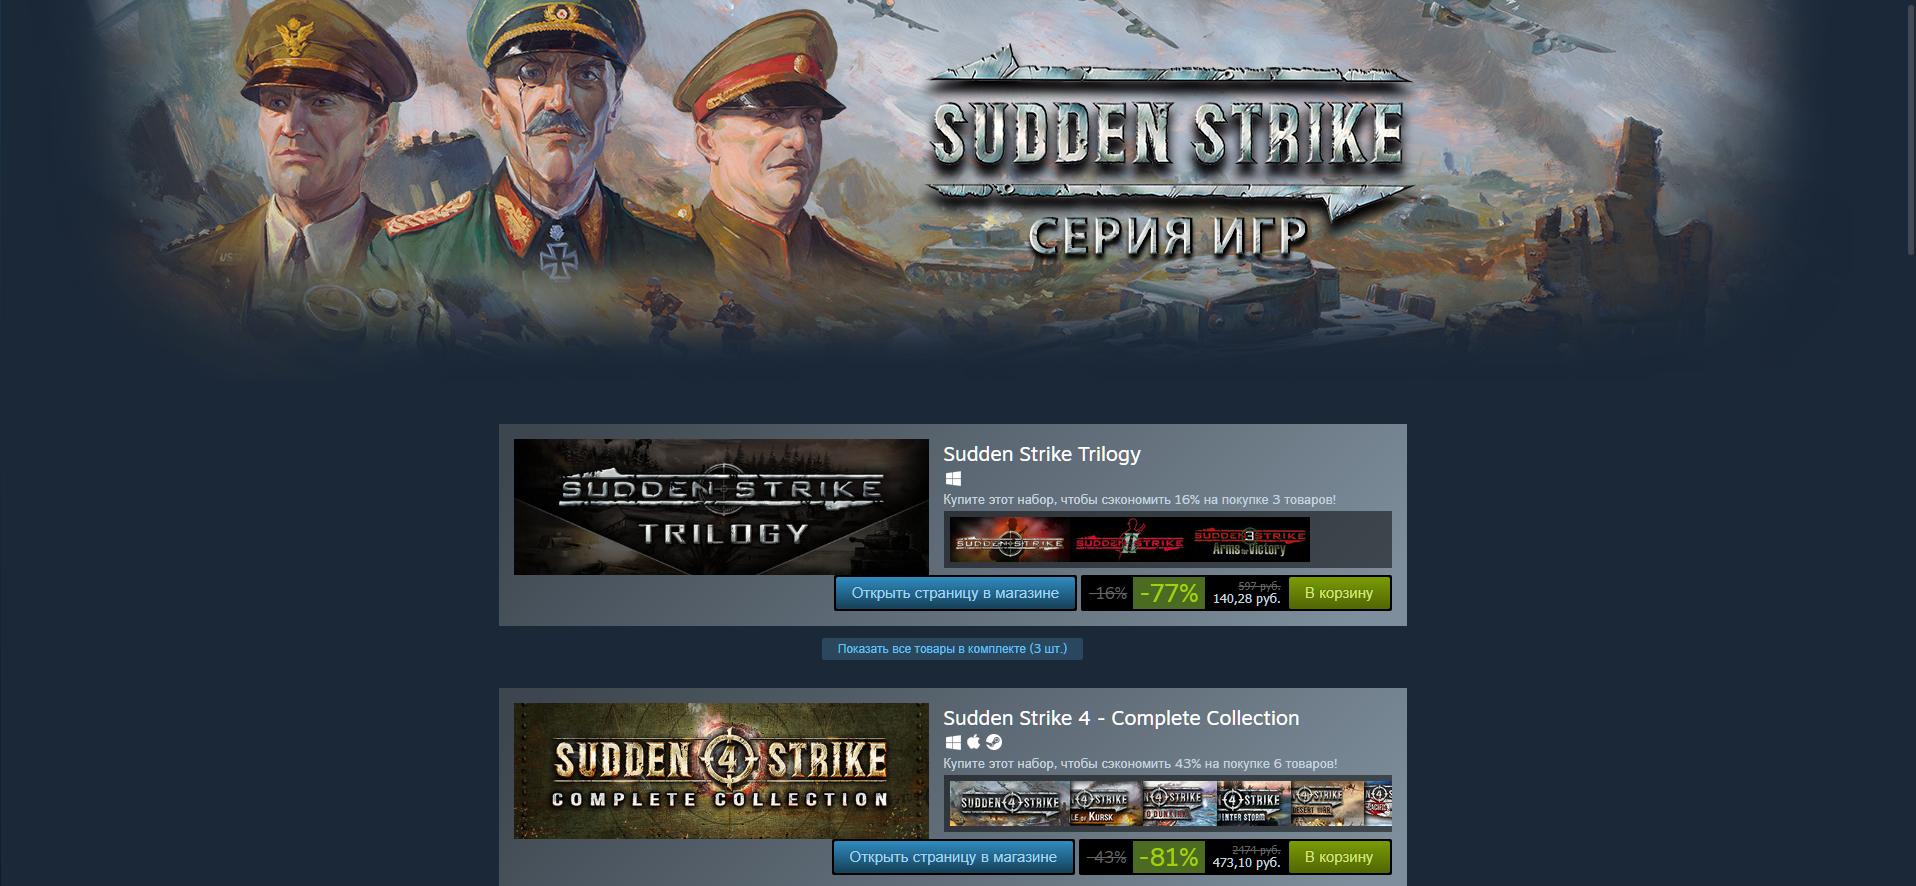 Sudden Strike - серия игр получила скидку в Steam